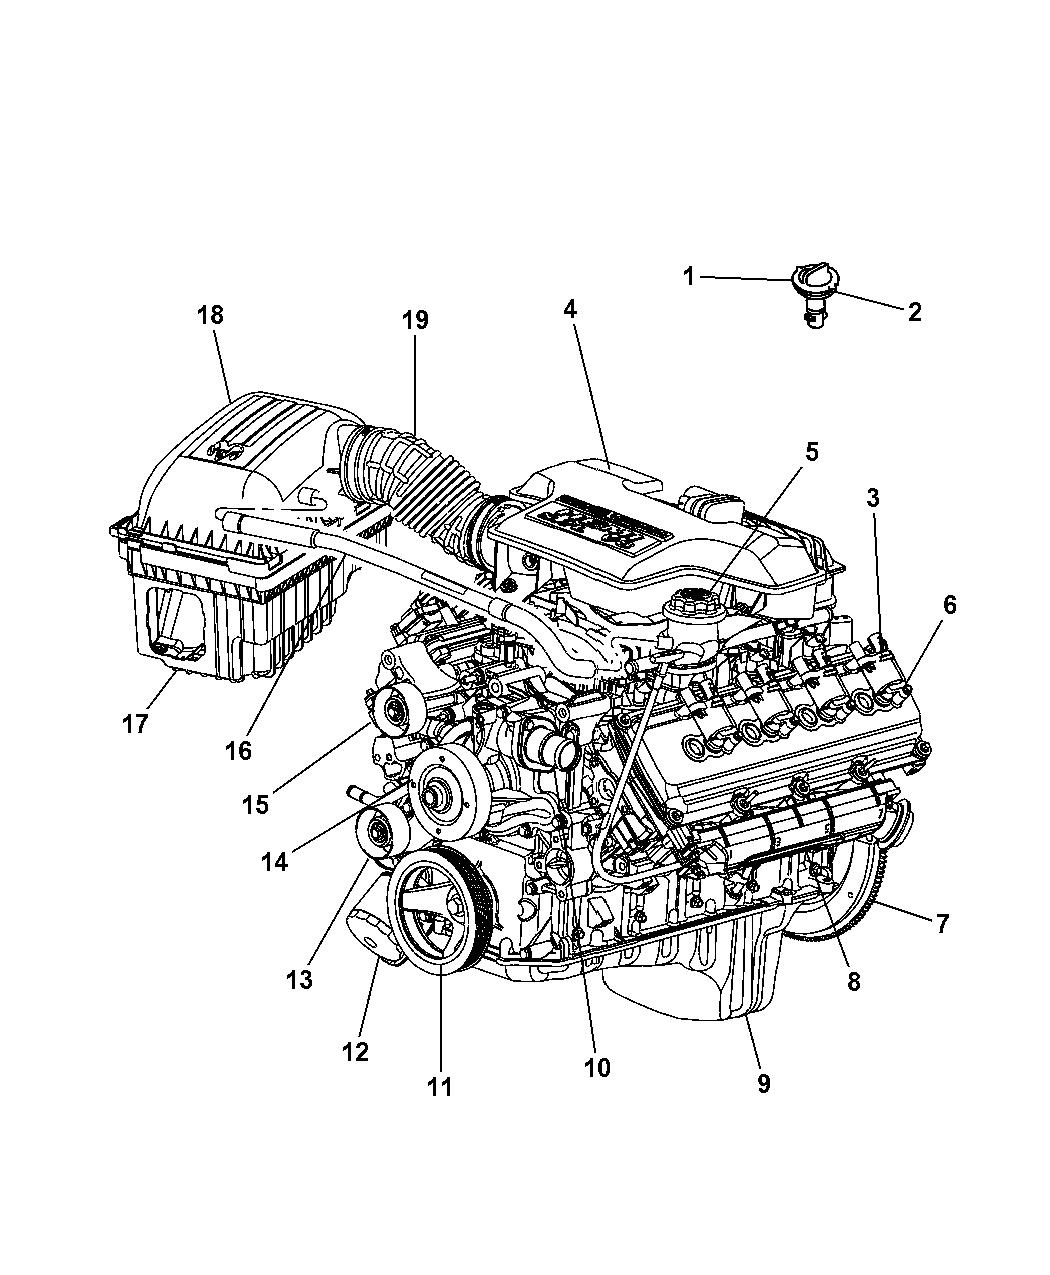 mopar 53021380ak Dodge Charger Engine Diagram